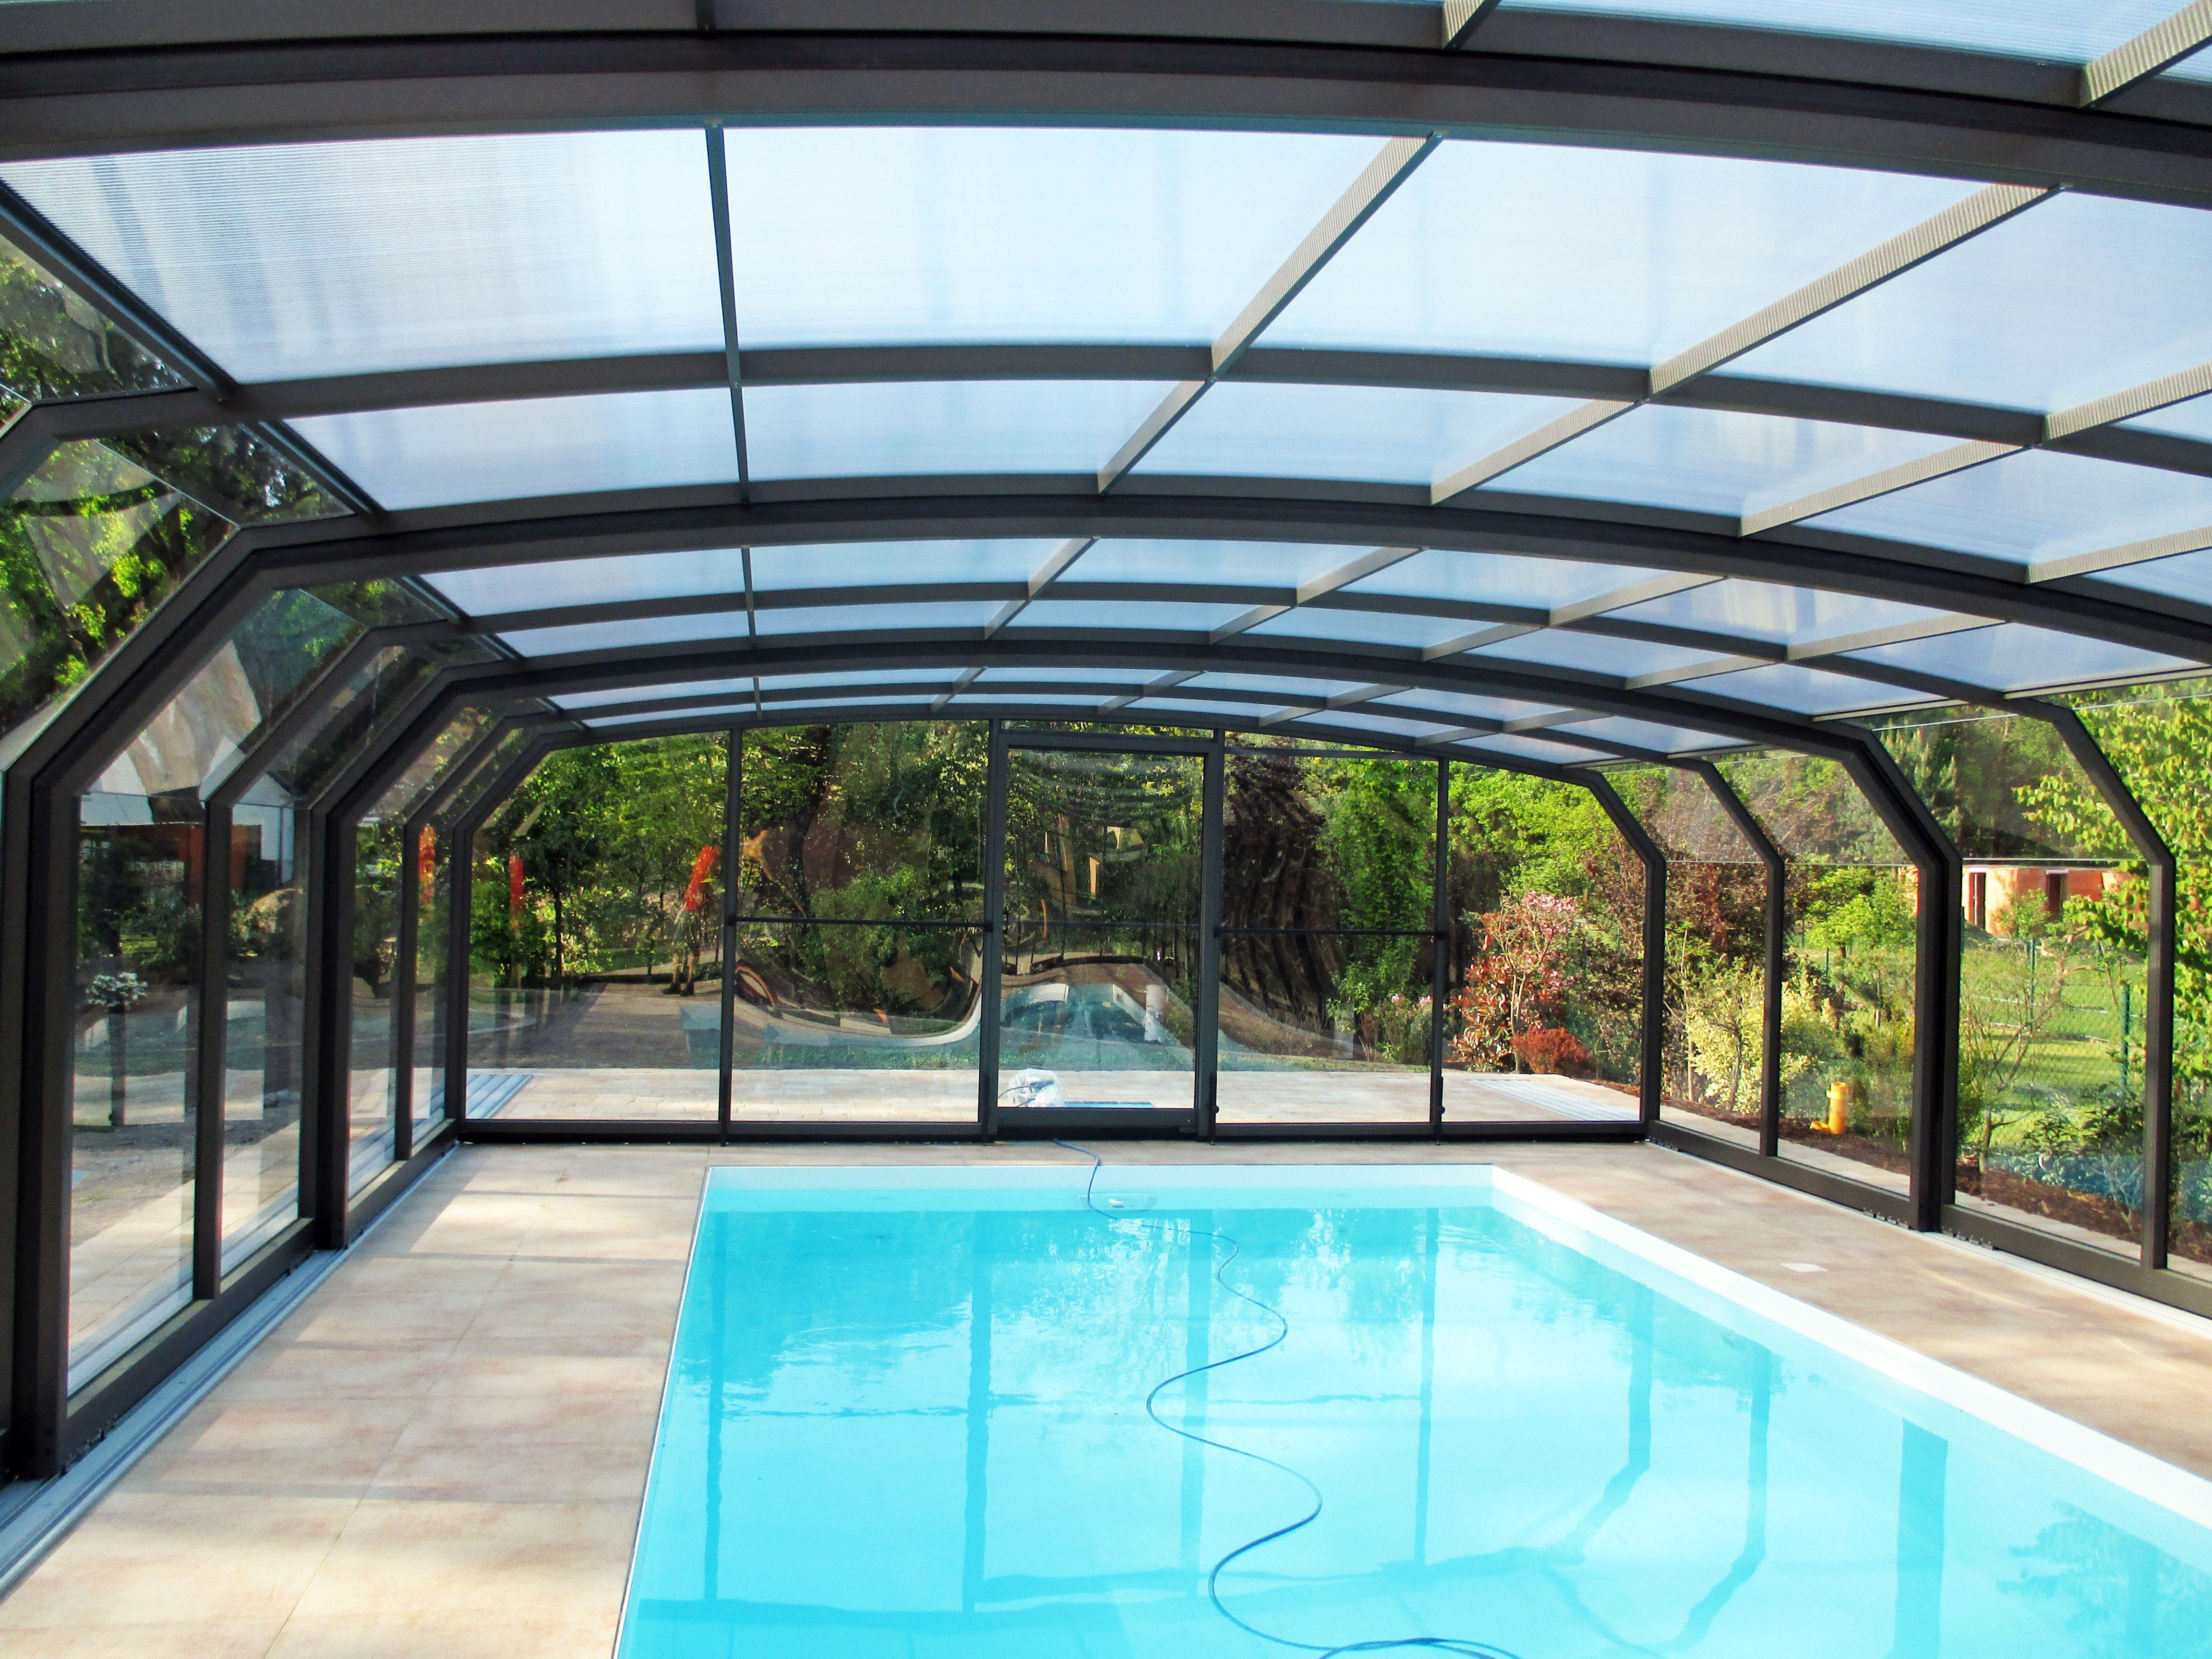 Oceanic High Pool Enclosure Swimming Pools Pool Swimming Pool Images